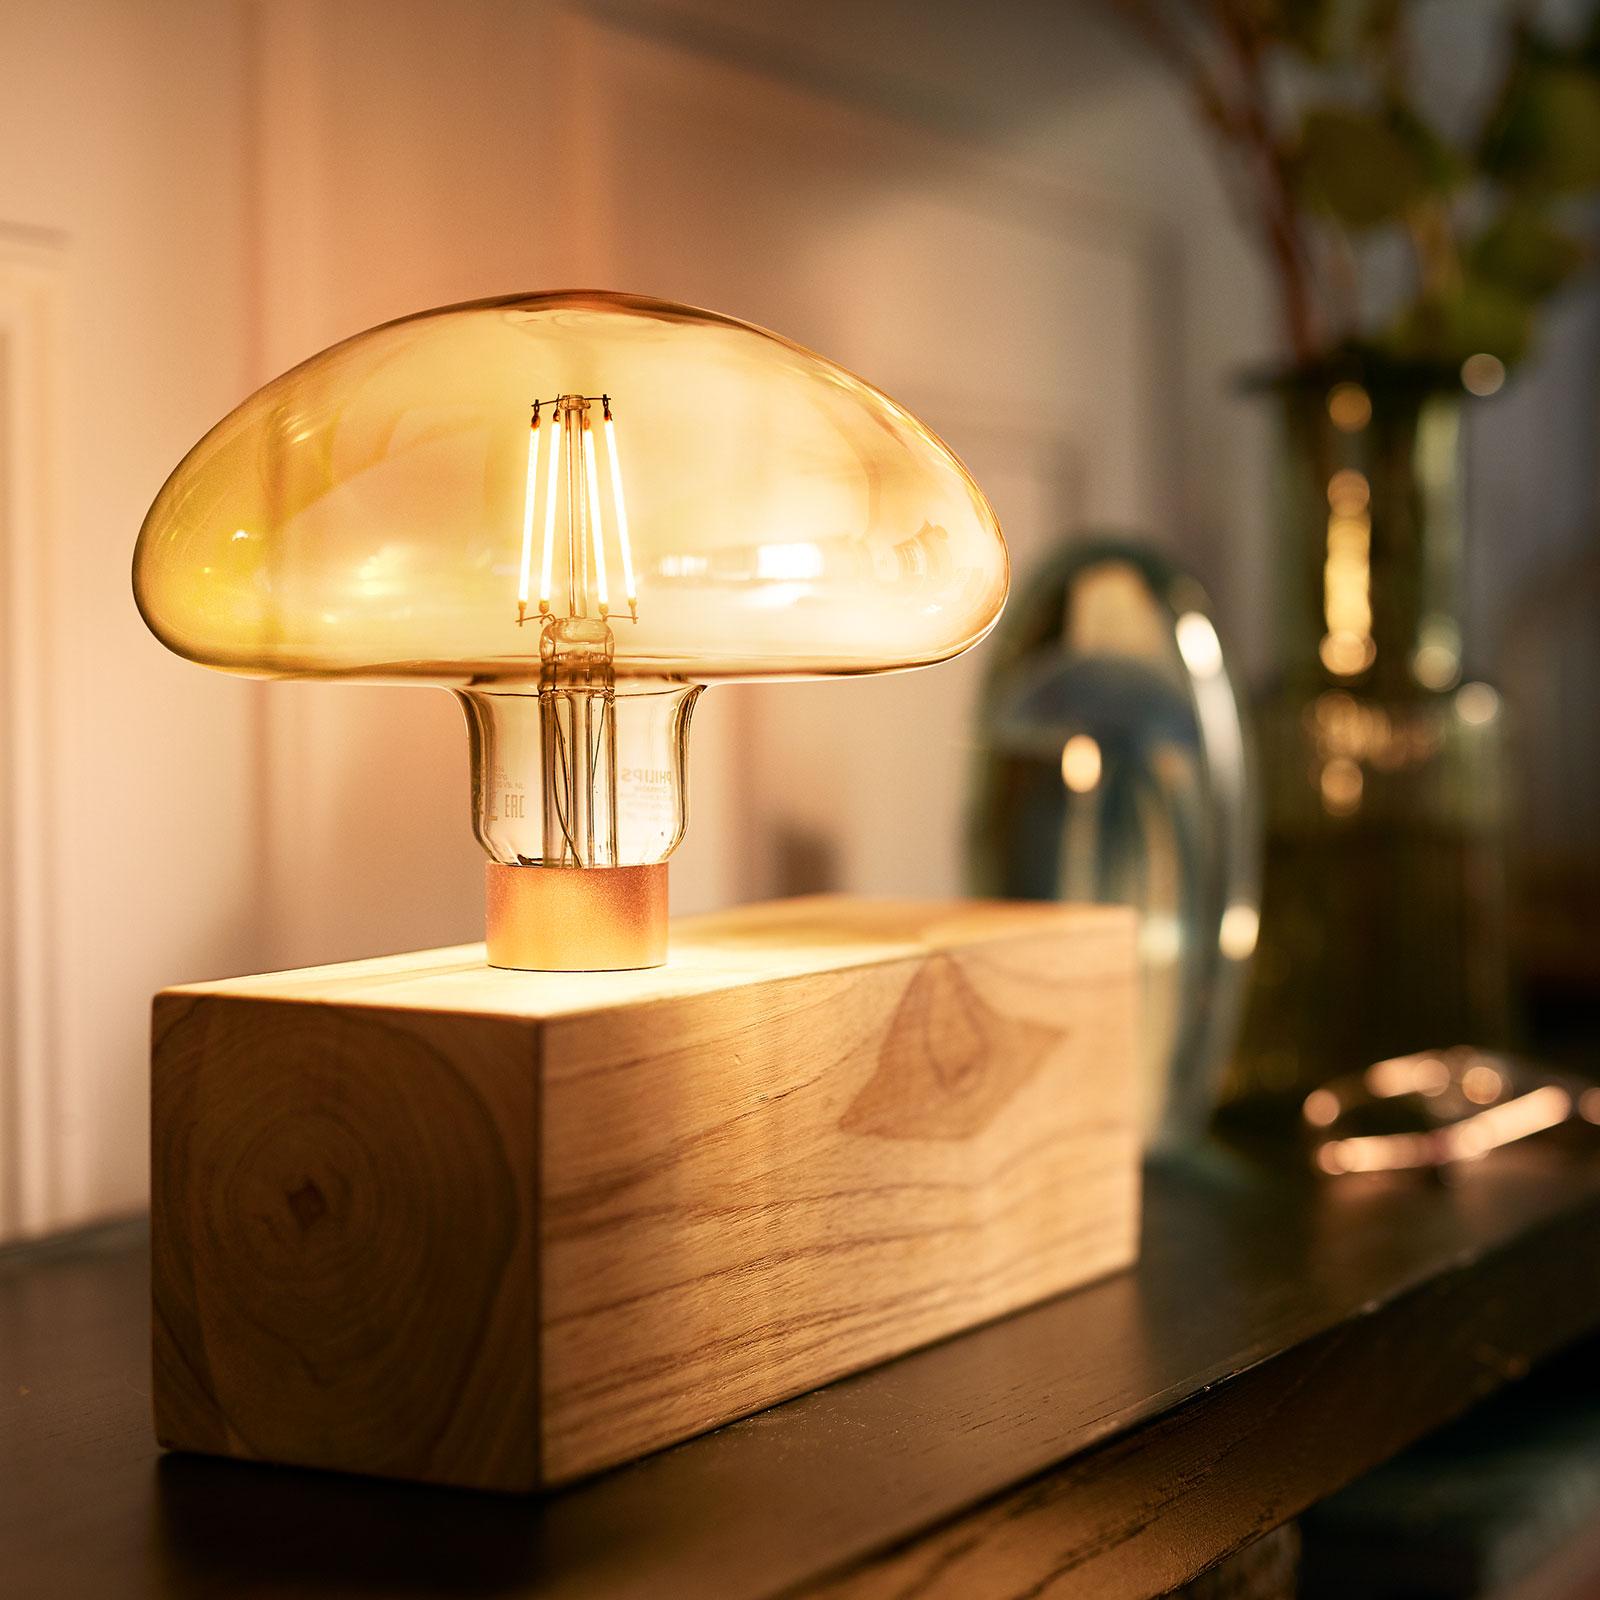 Philips Classic Mushroom guld LED lampa E27 5W | Lamp24.se